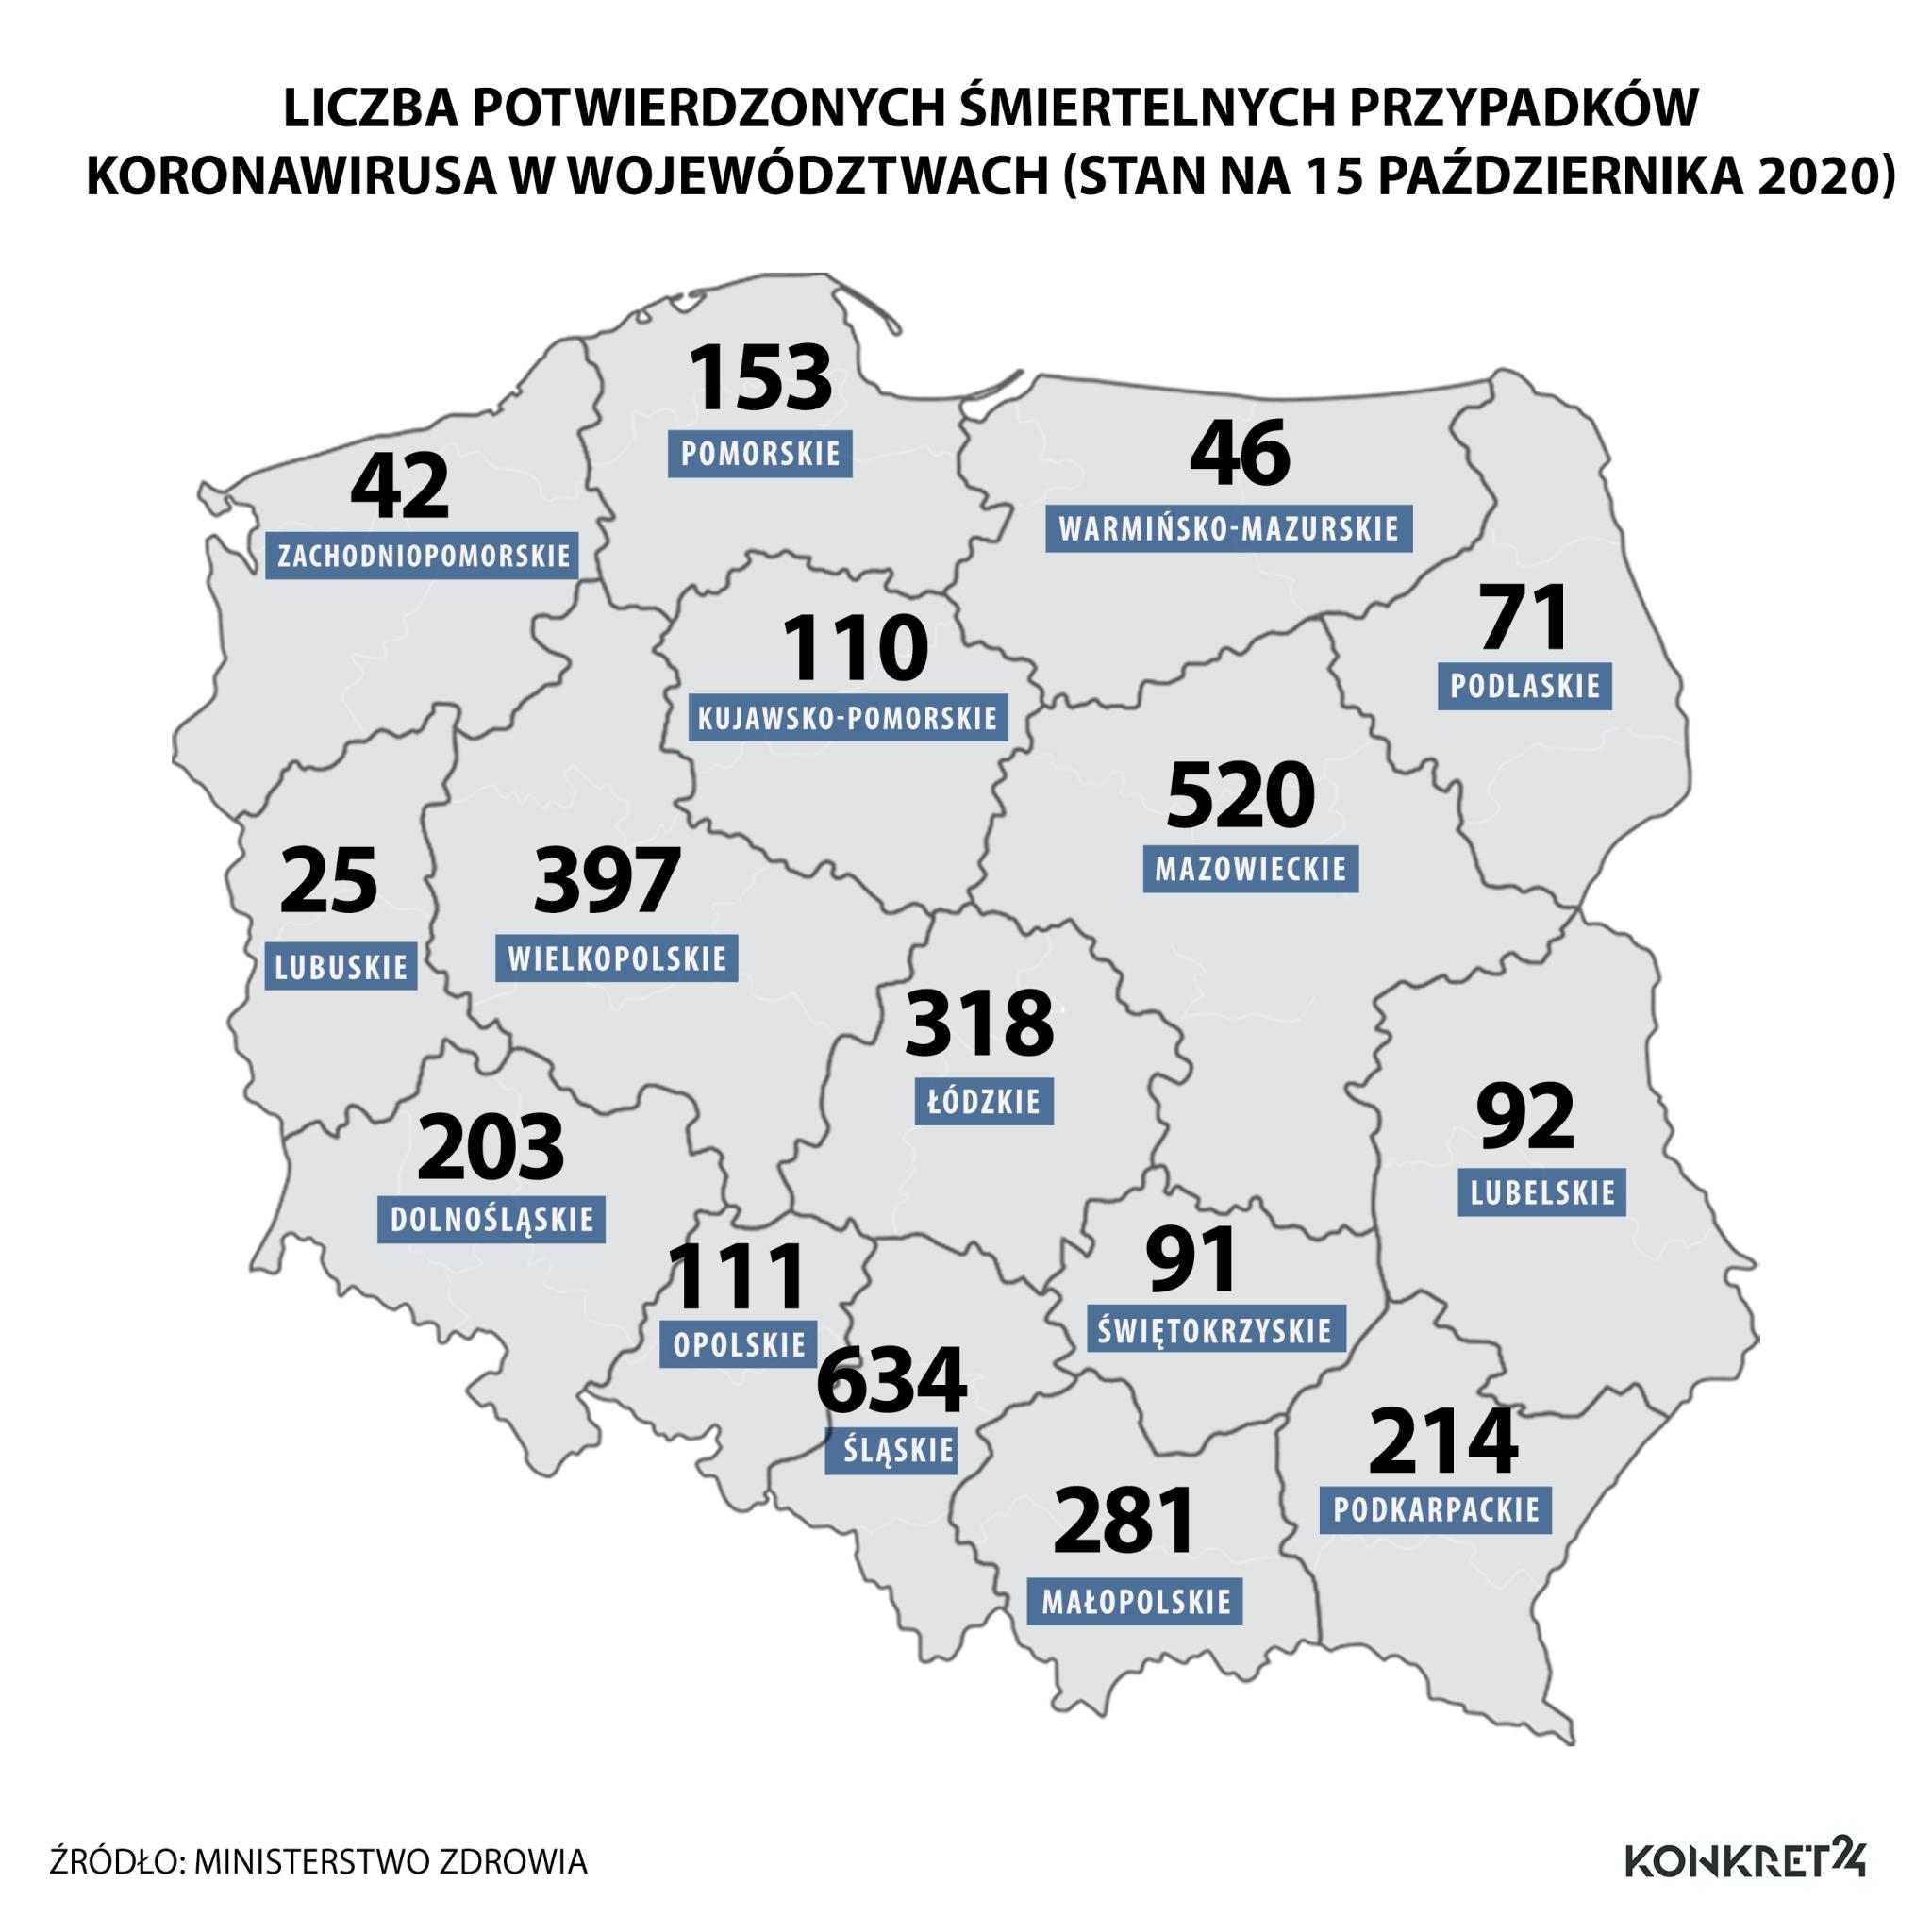 Zgony osób z COVID-19 w województwach